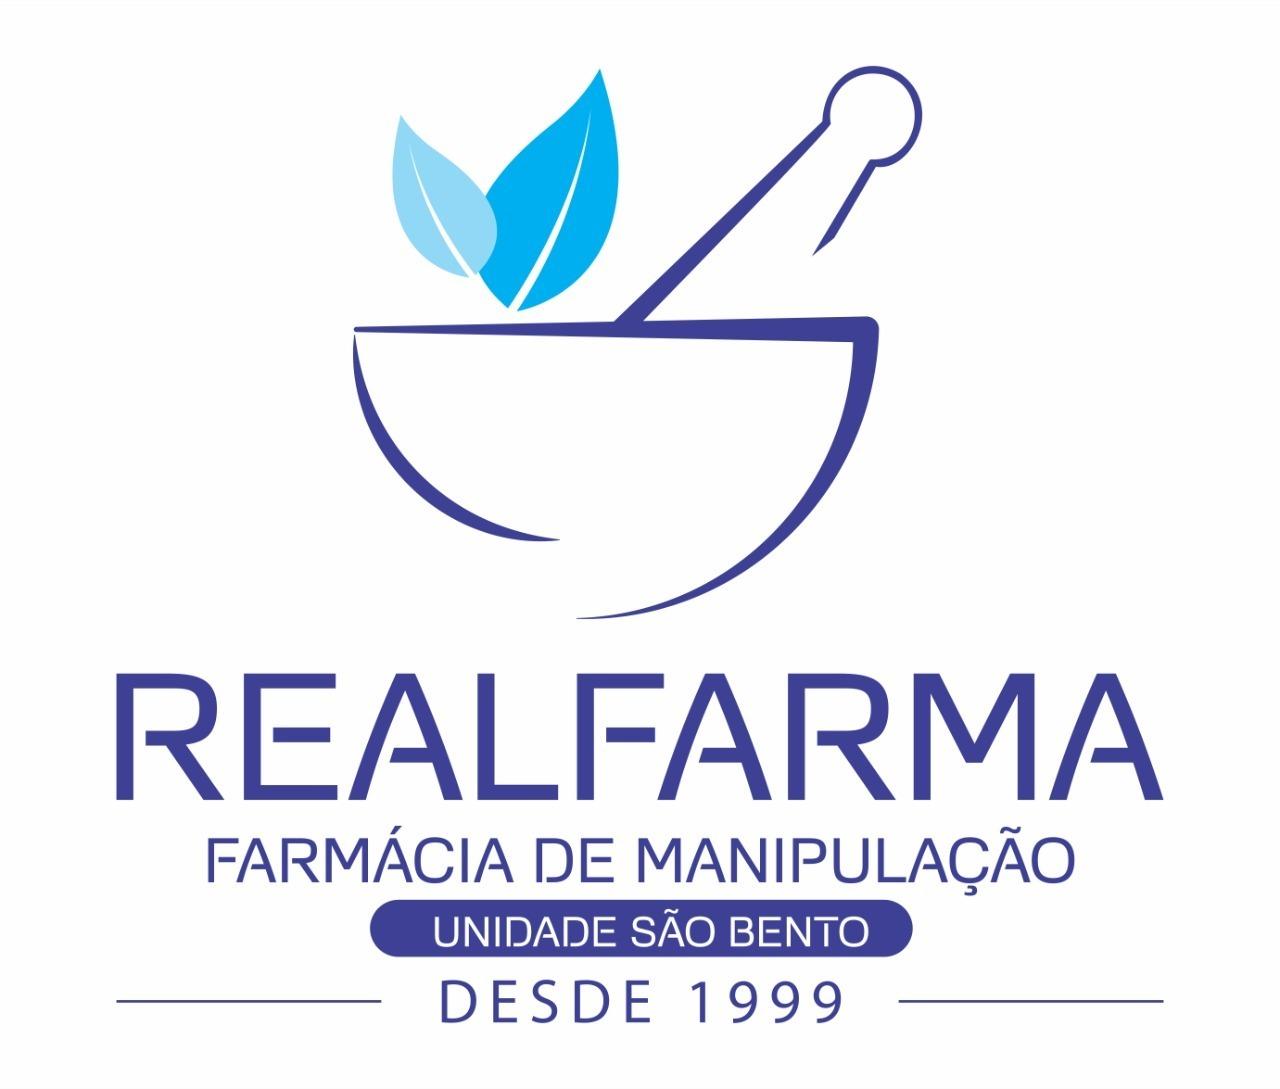 RealFarma